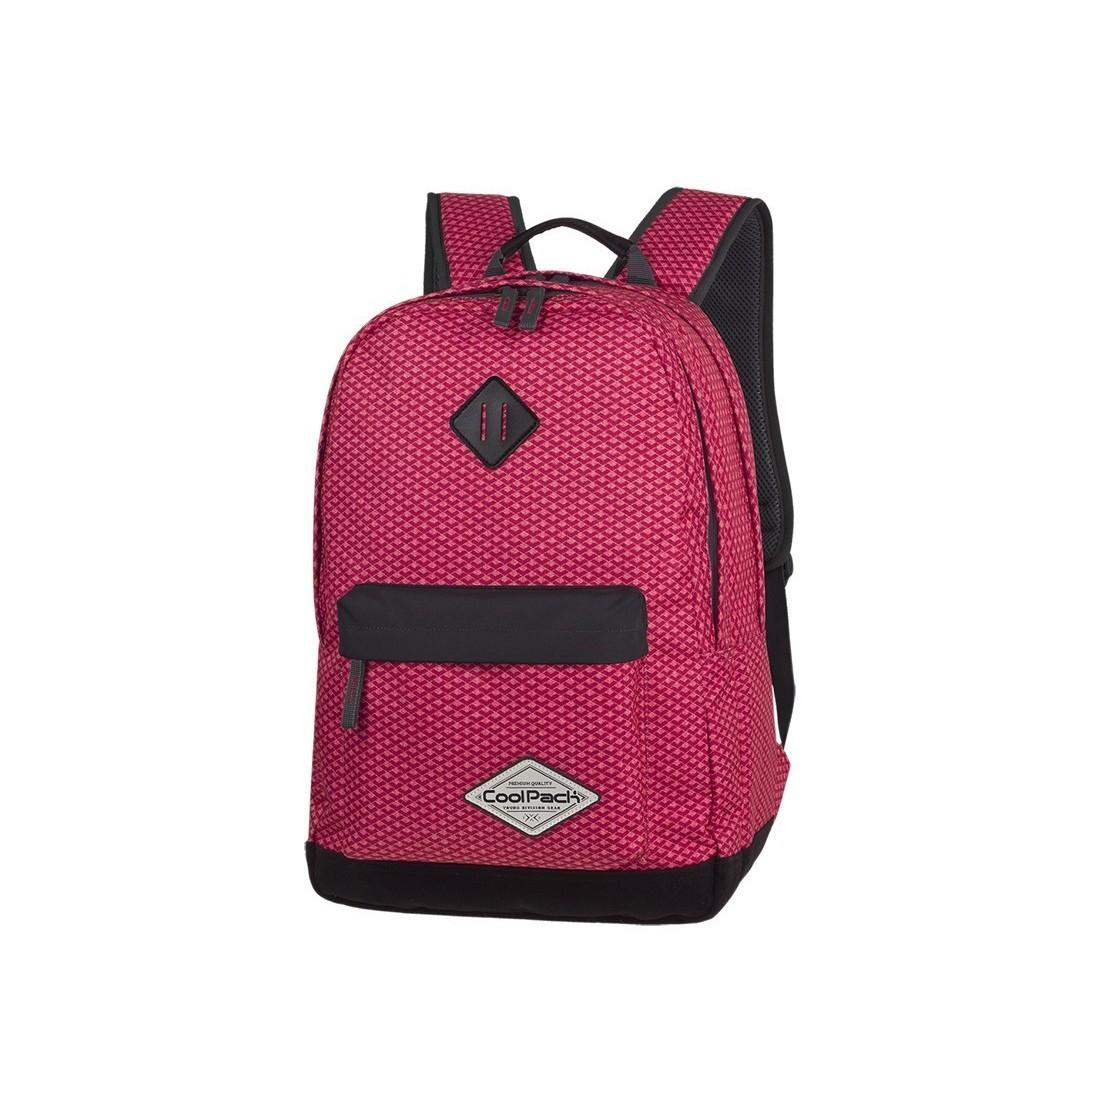 Plecak młodzieżowy CoolPack CP SCOUT CORAL NET koralowy - A118